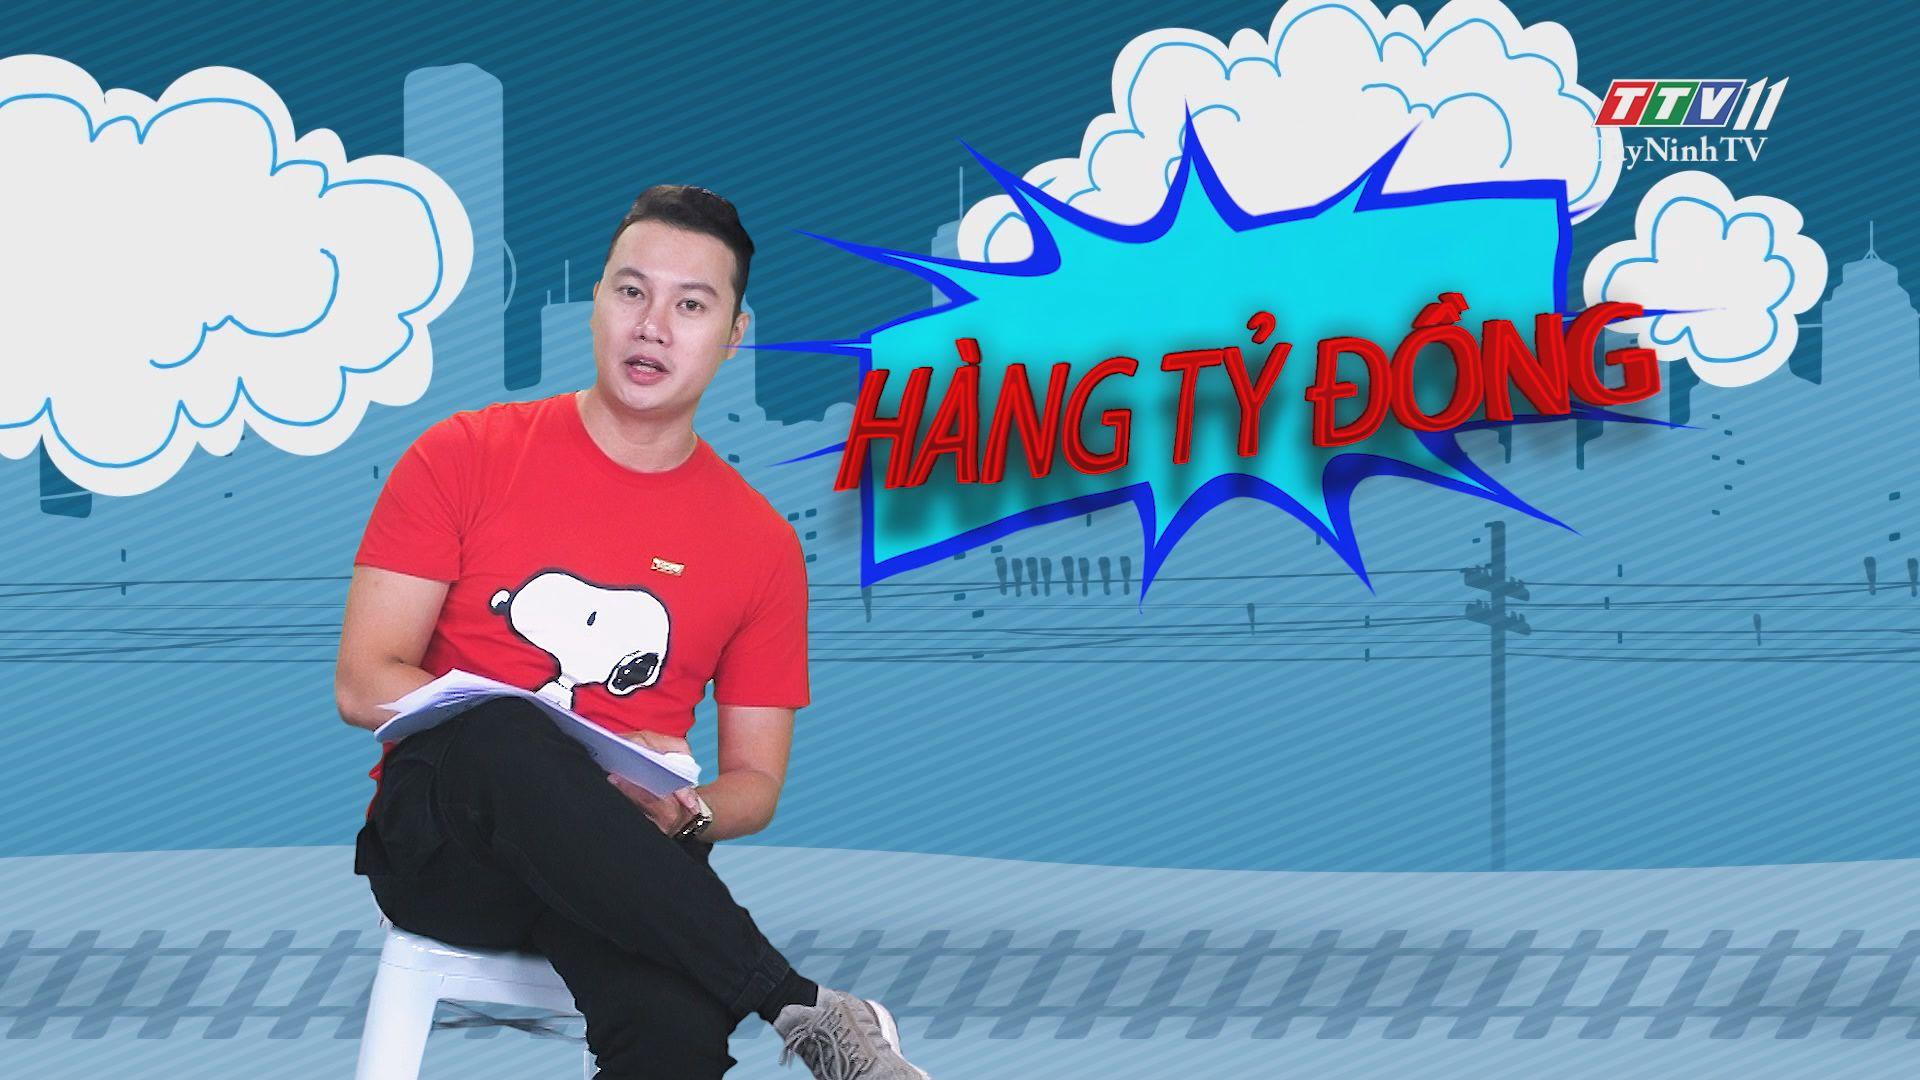 Chuyện Đông Tây Kỳ Thú 16-5-2020 | TayNinhTV